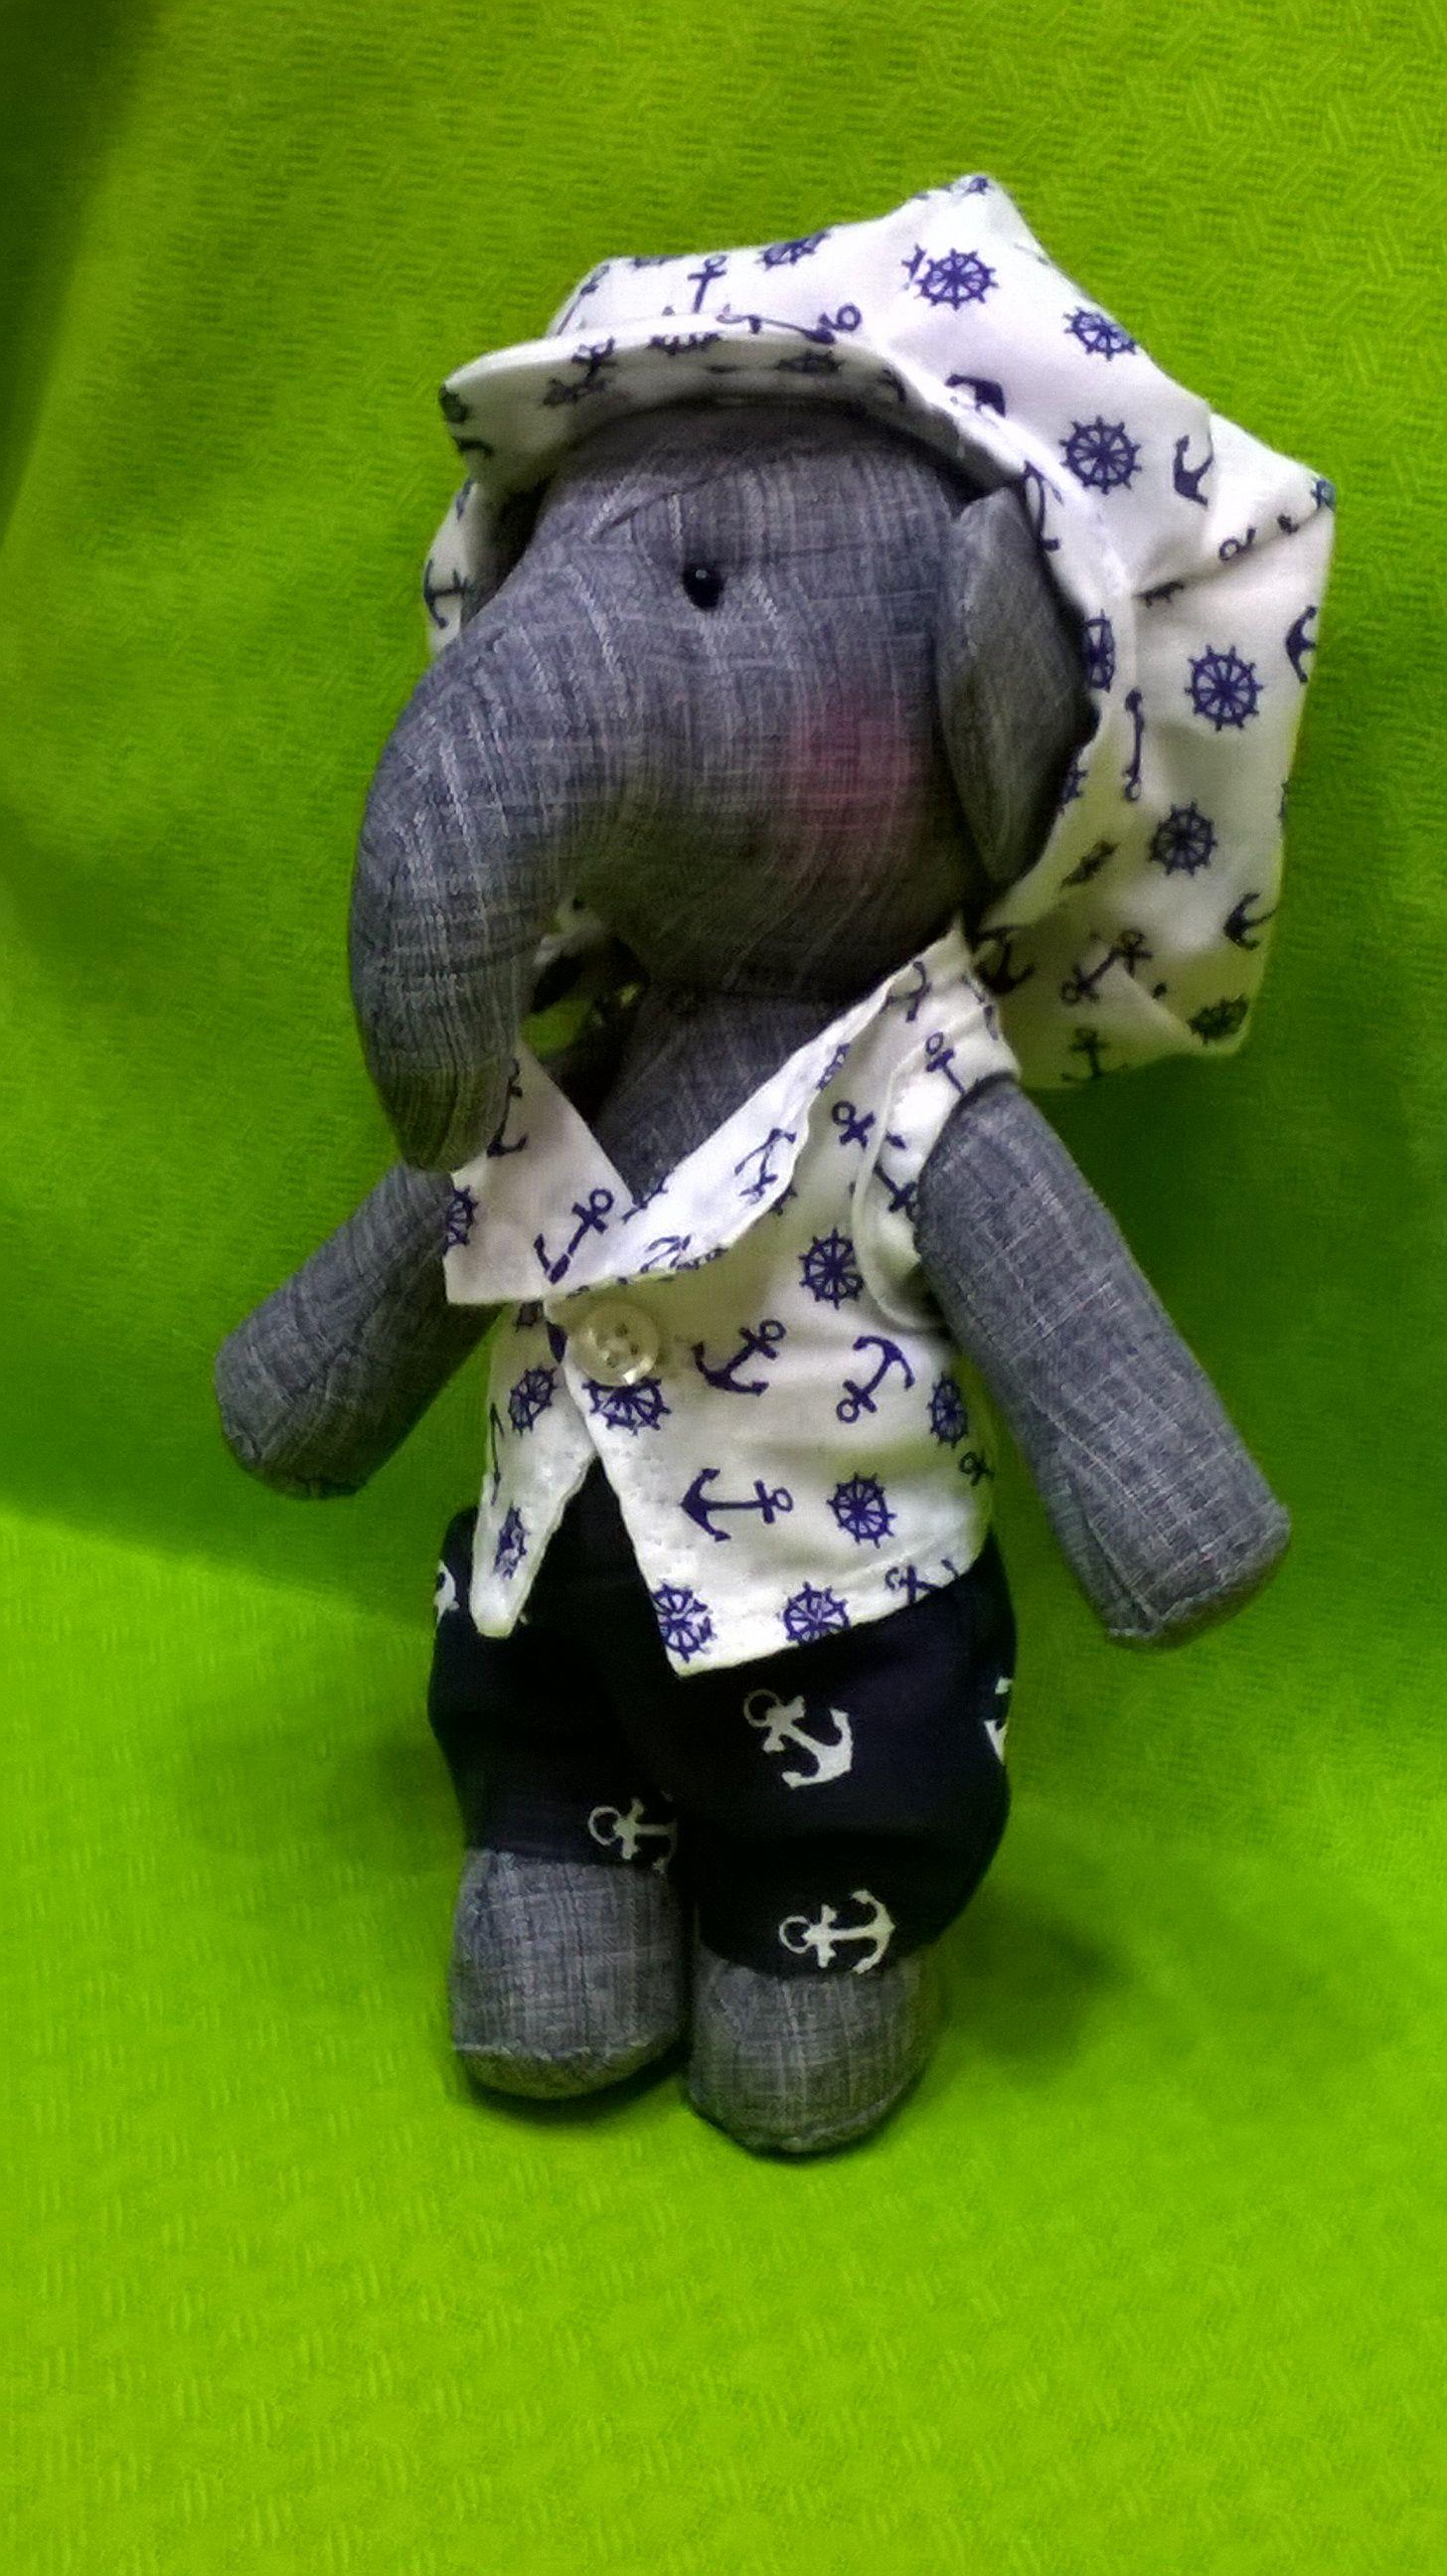 работы 8 ручной морячок февраля 23 моряк игрушка кукла интерьерная рождения день слоненок на слон марта подарок